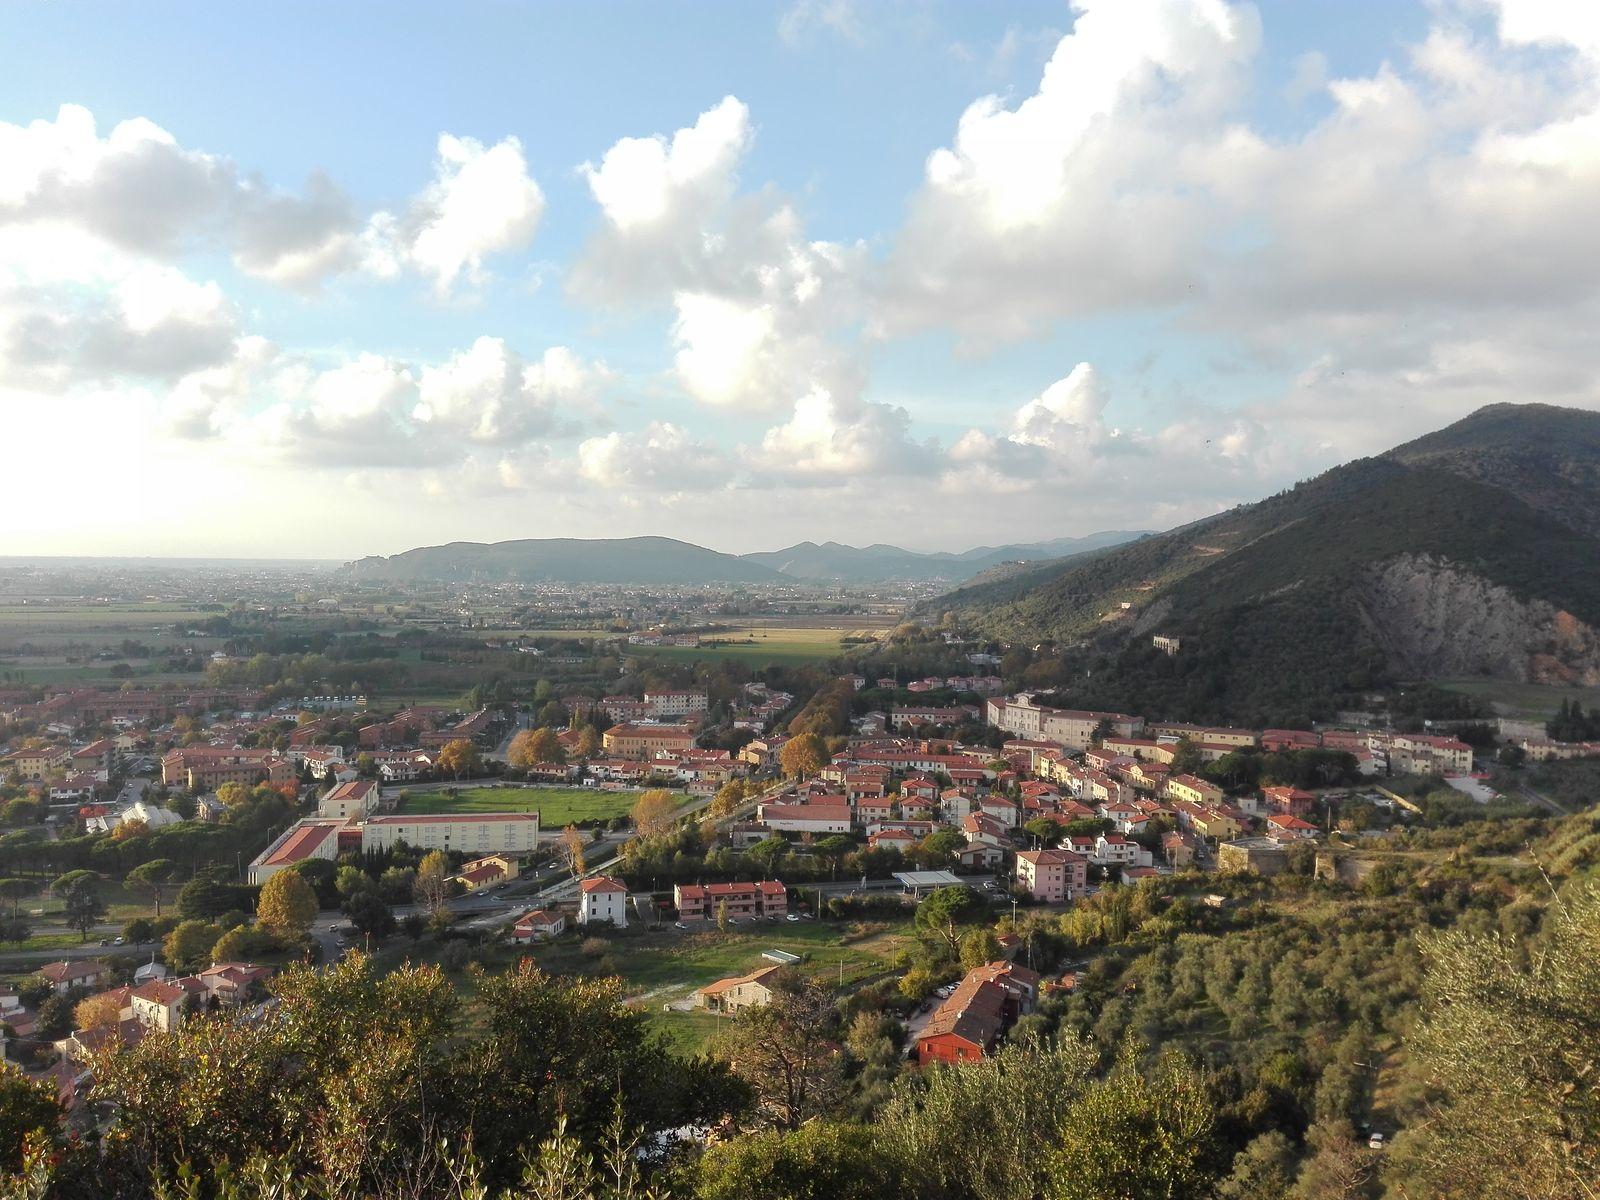 San Giuliano Terme - The historic thermal baths